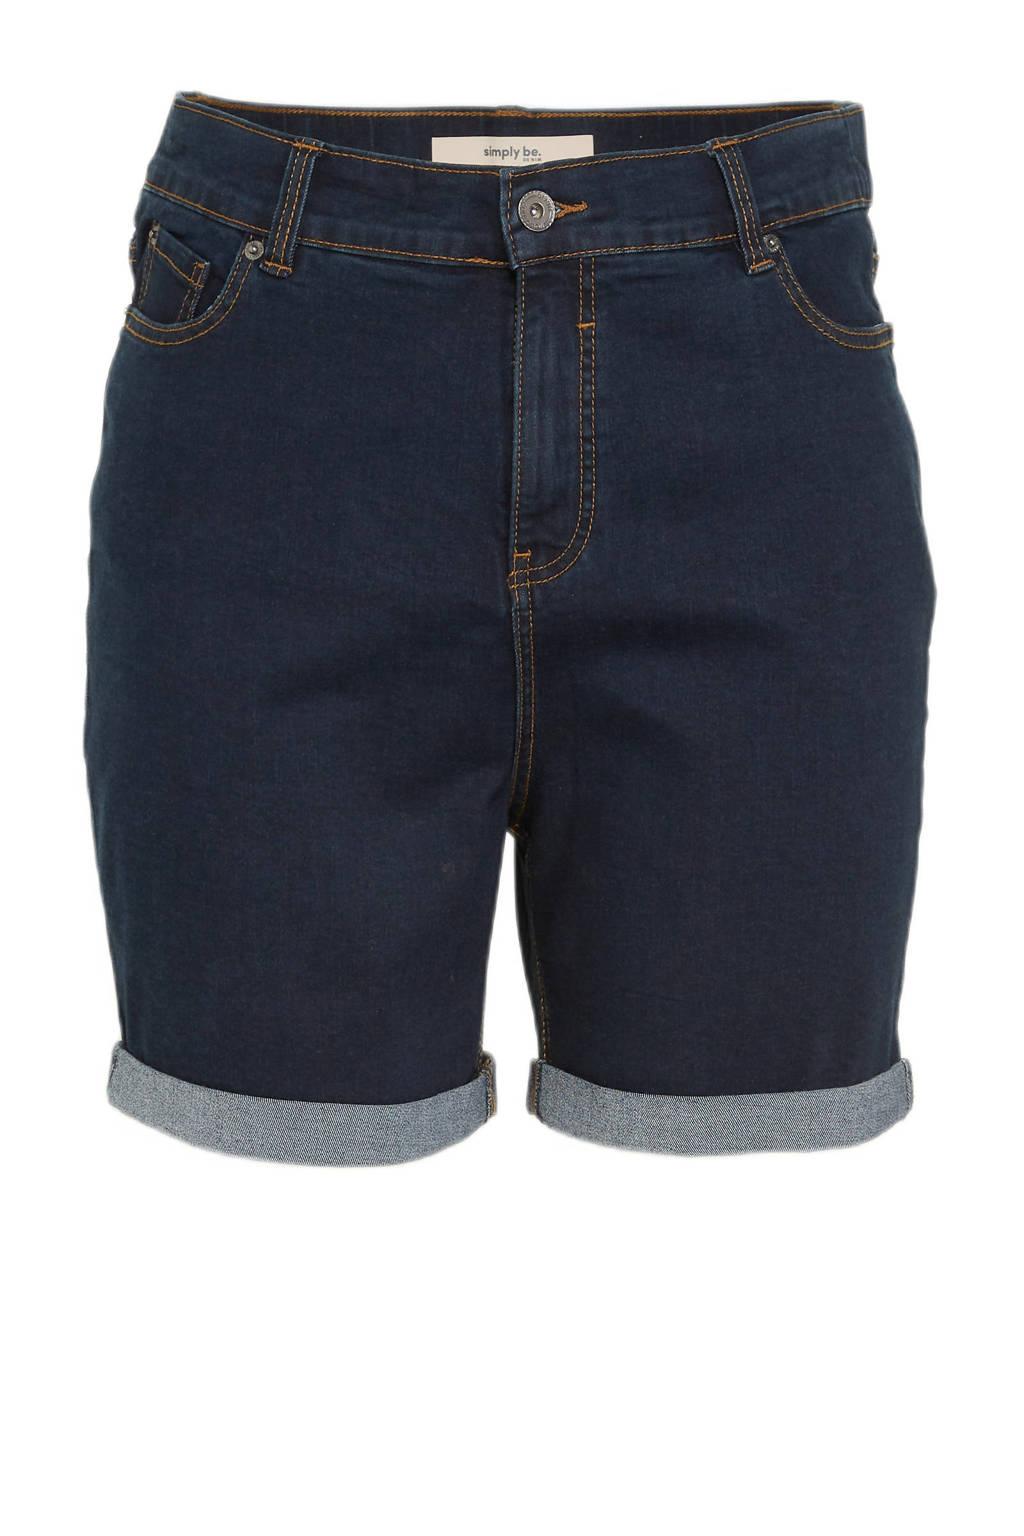 Simply Be high waist jeans short 24/7 dark denim, Dark denim